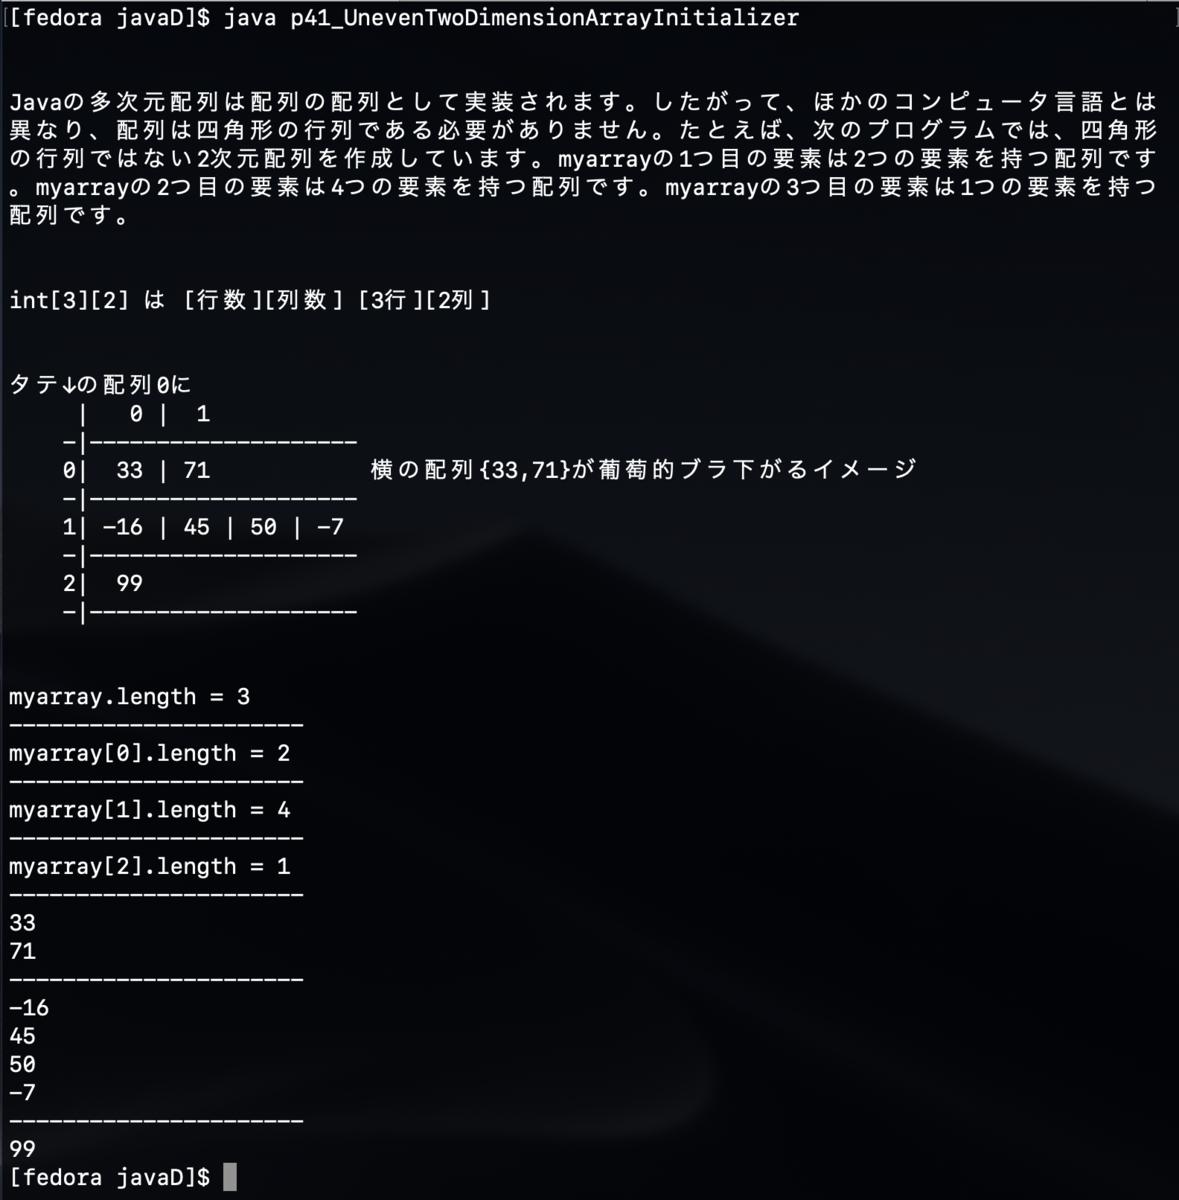 f:id:min117:20200118121311p:plain